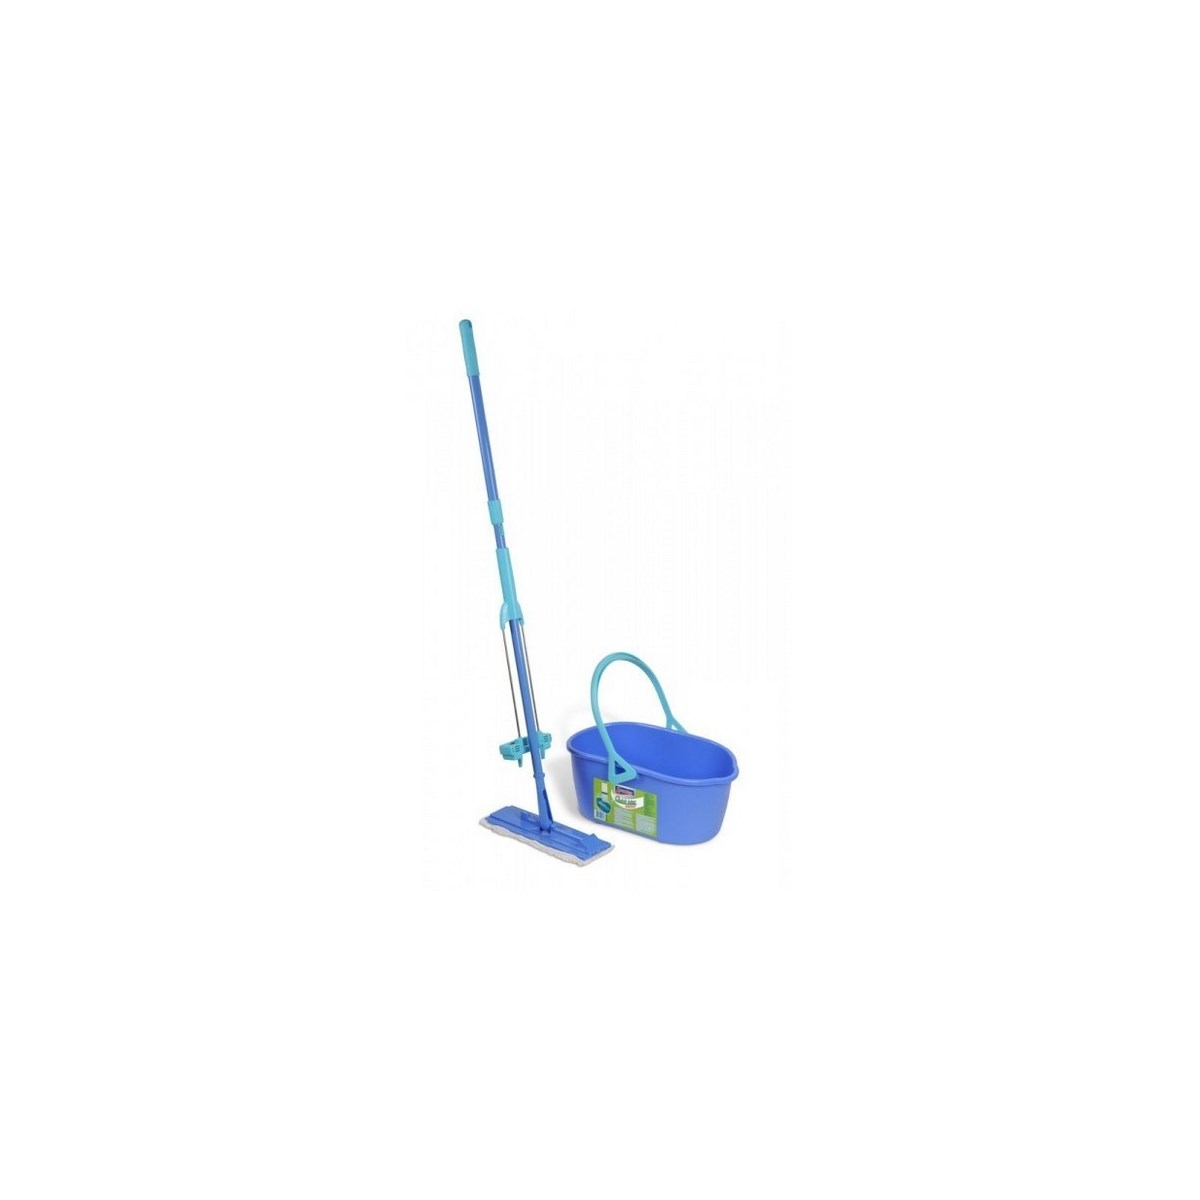 Sada kbelík a mop Quickmax se samoždímacím systéme